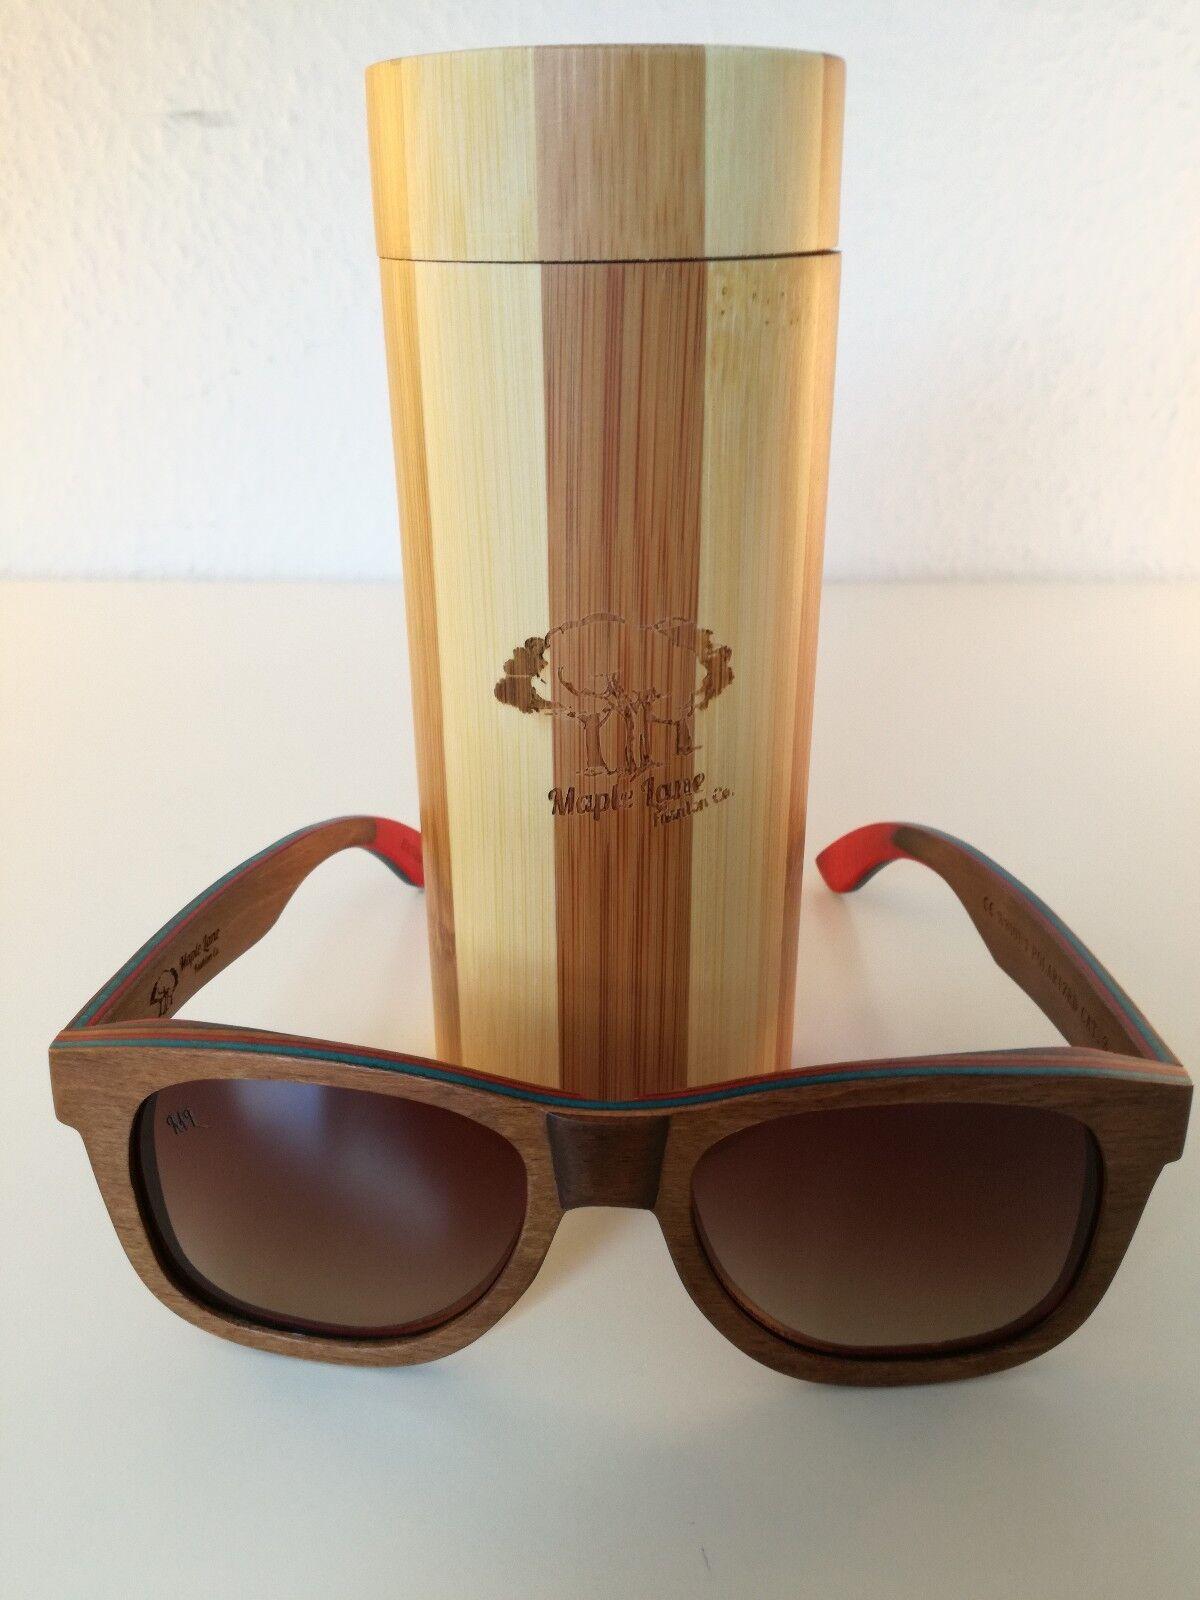 Handgefertigte Holz Sonnenbrille von Maple Lane (Braun mit roten Gläsern